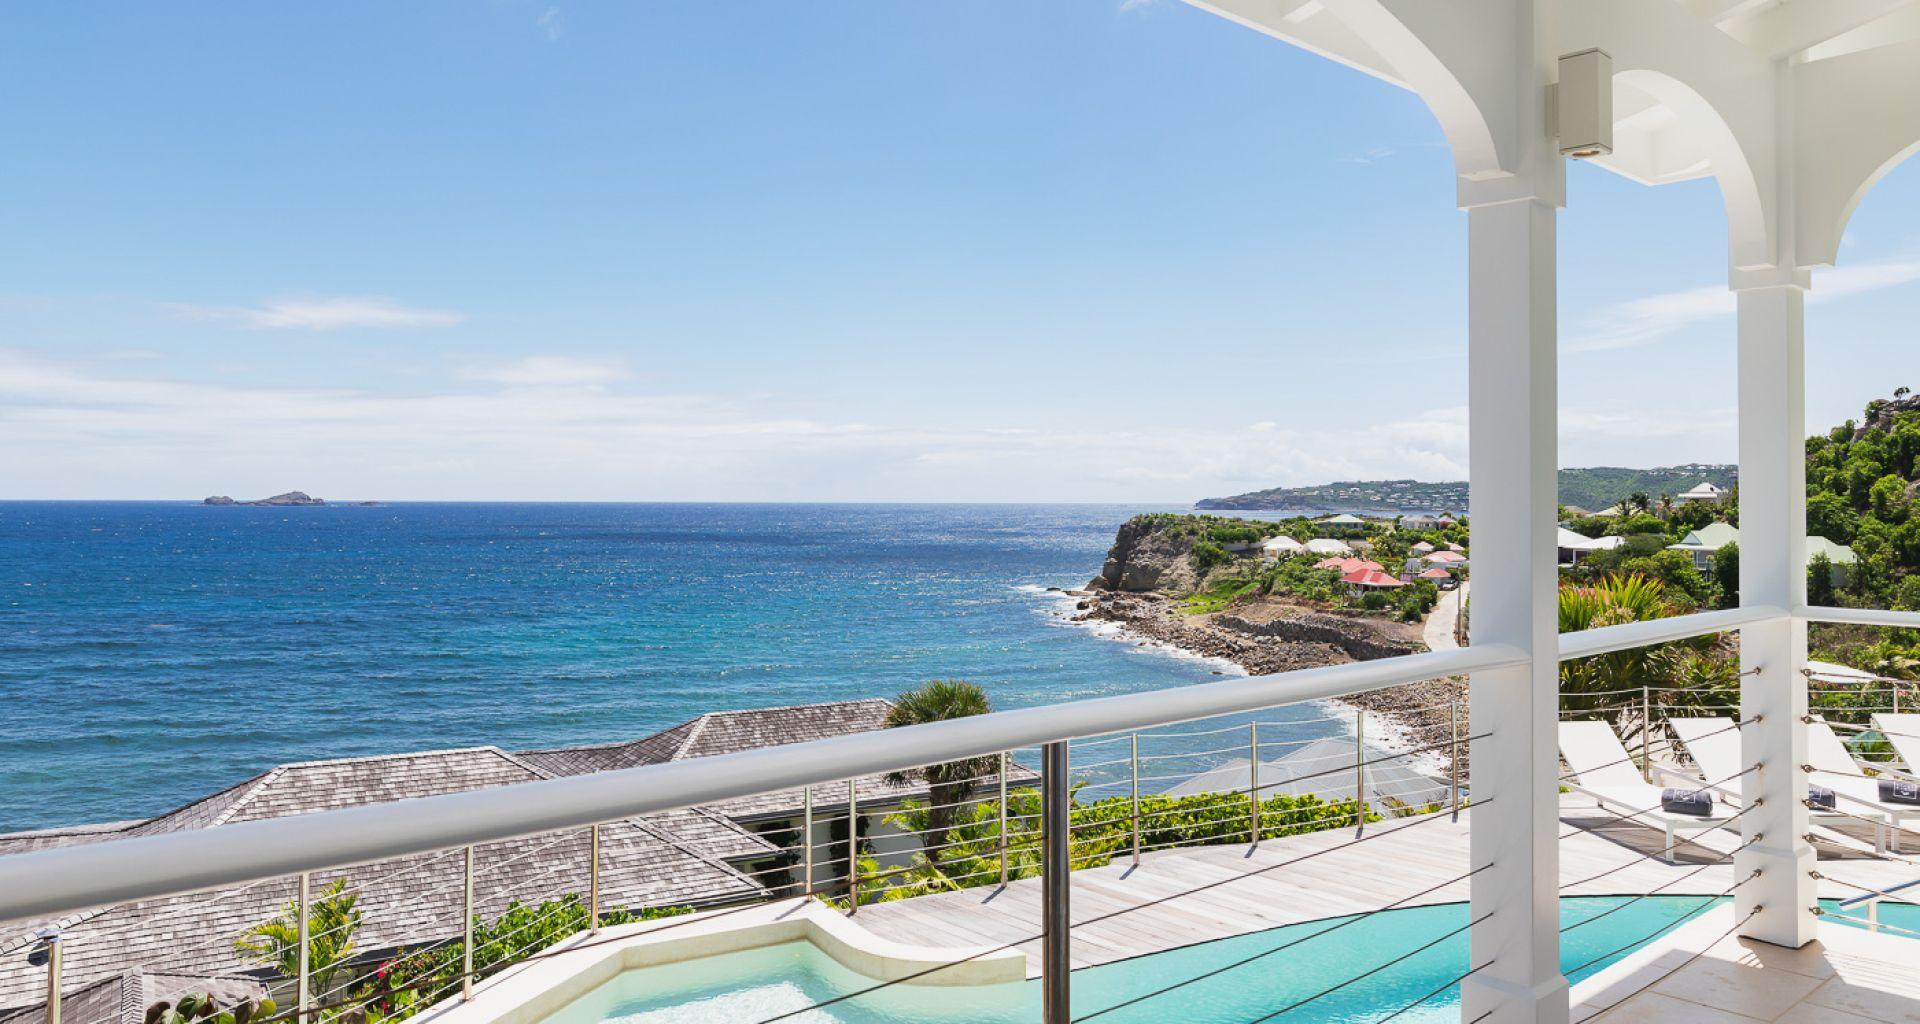 Villa Lo Scoglio - villa rental St Barth with Jacuzzi - pool view